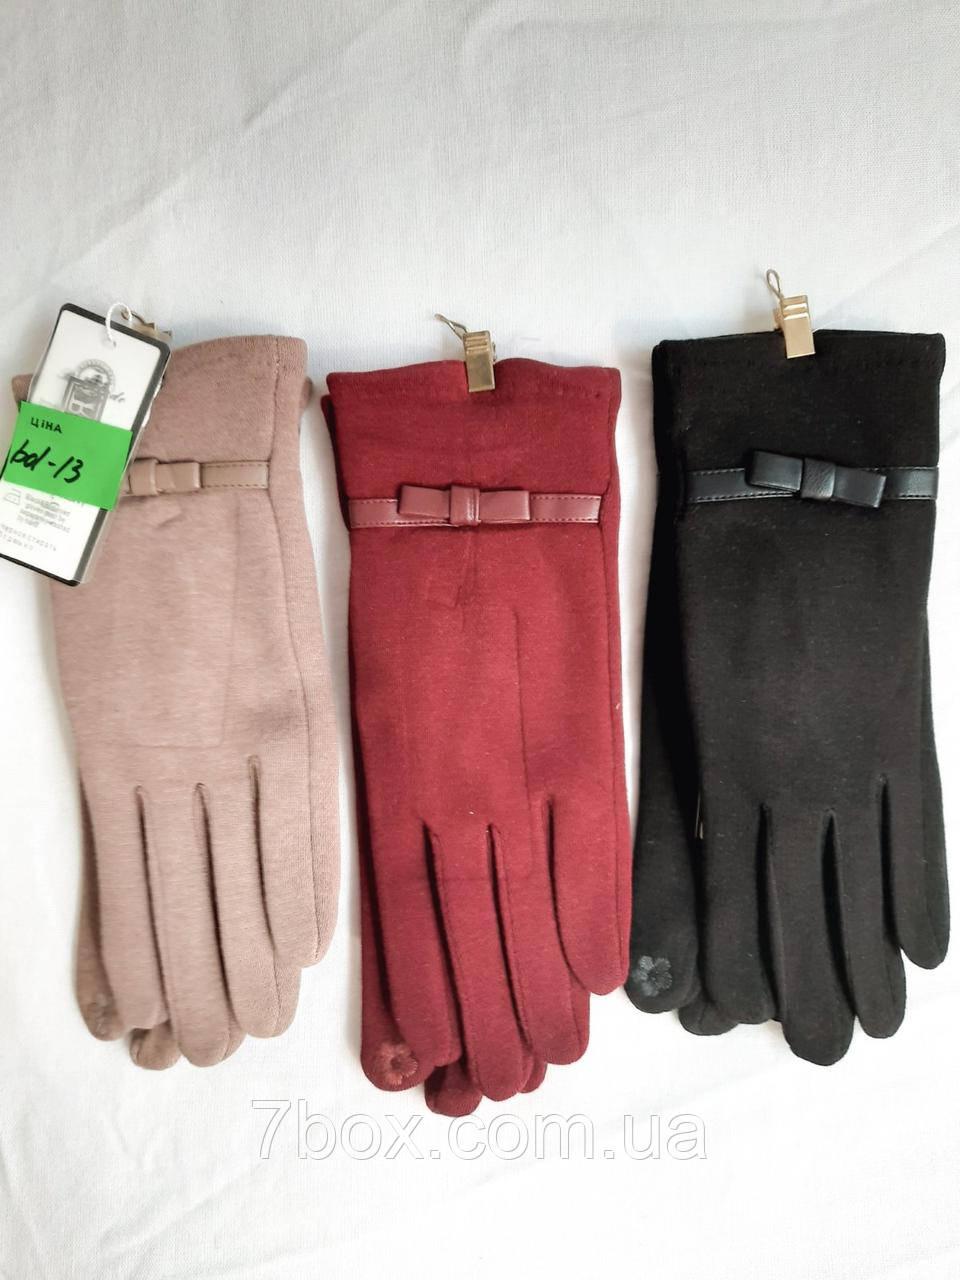 Перчатки женские с сенсором Трикотаж ОПТом Пуговки Китай 12 шт